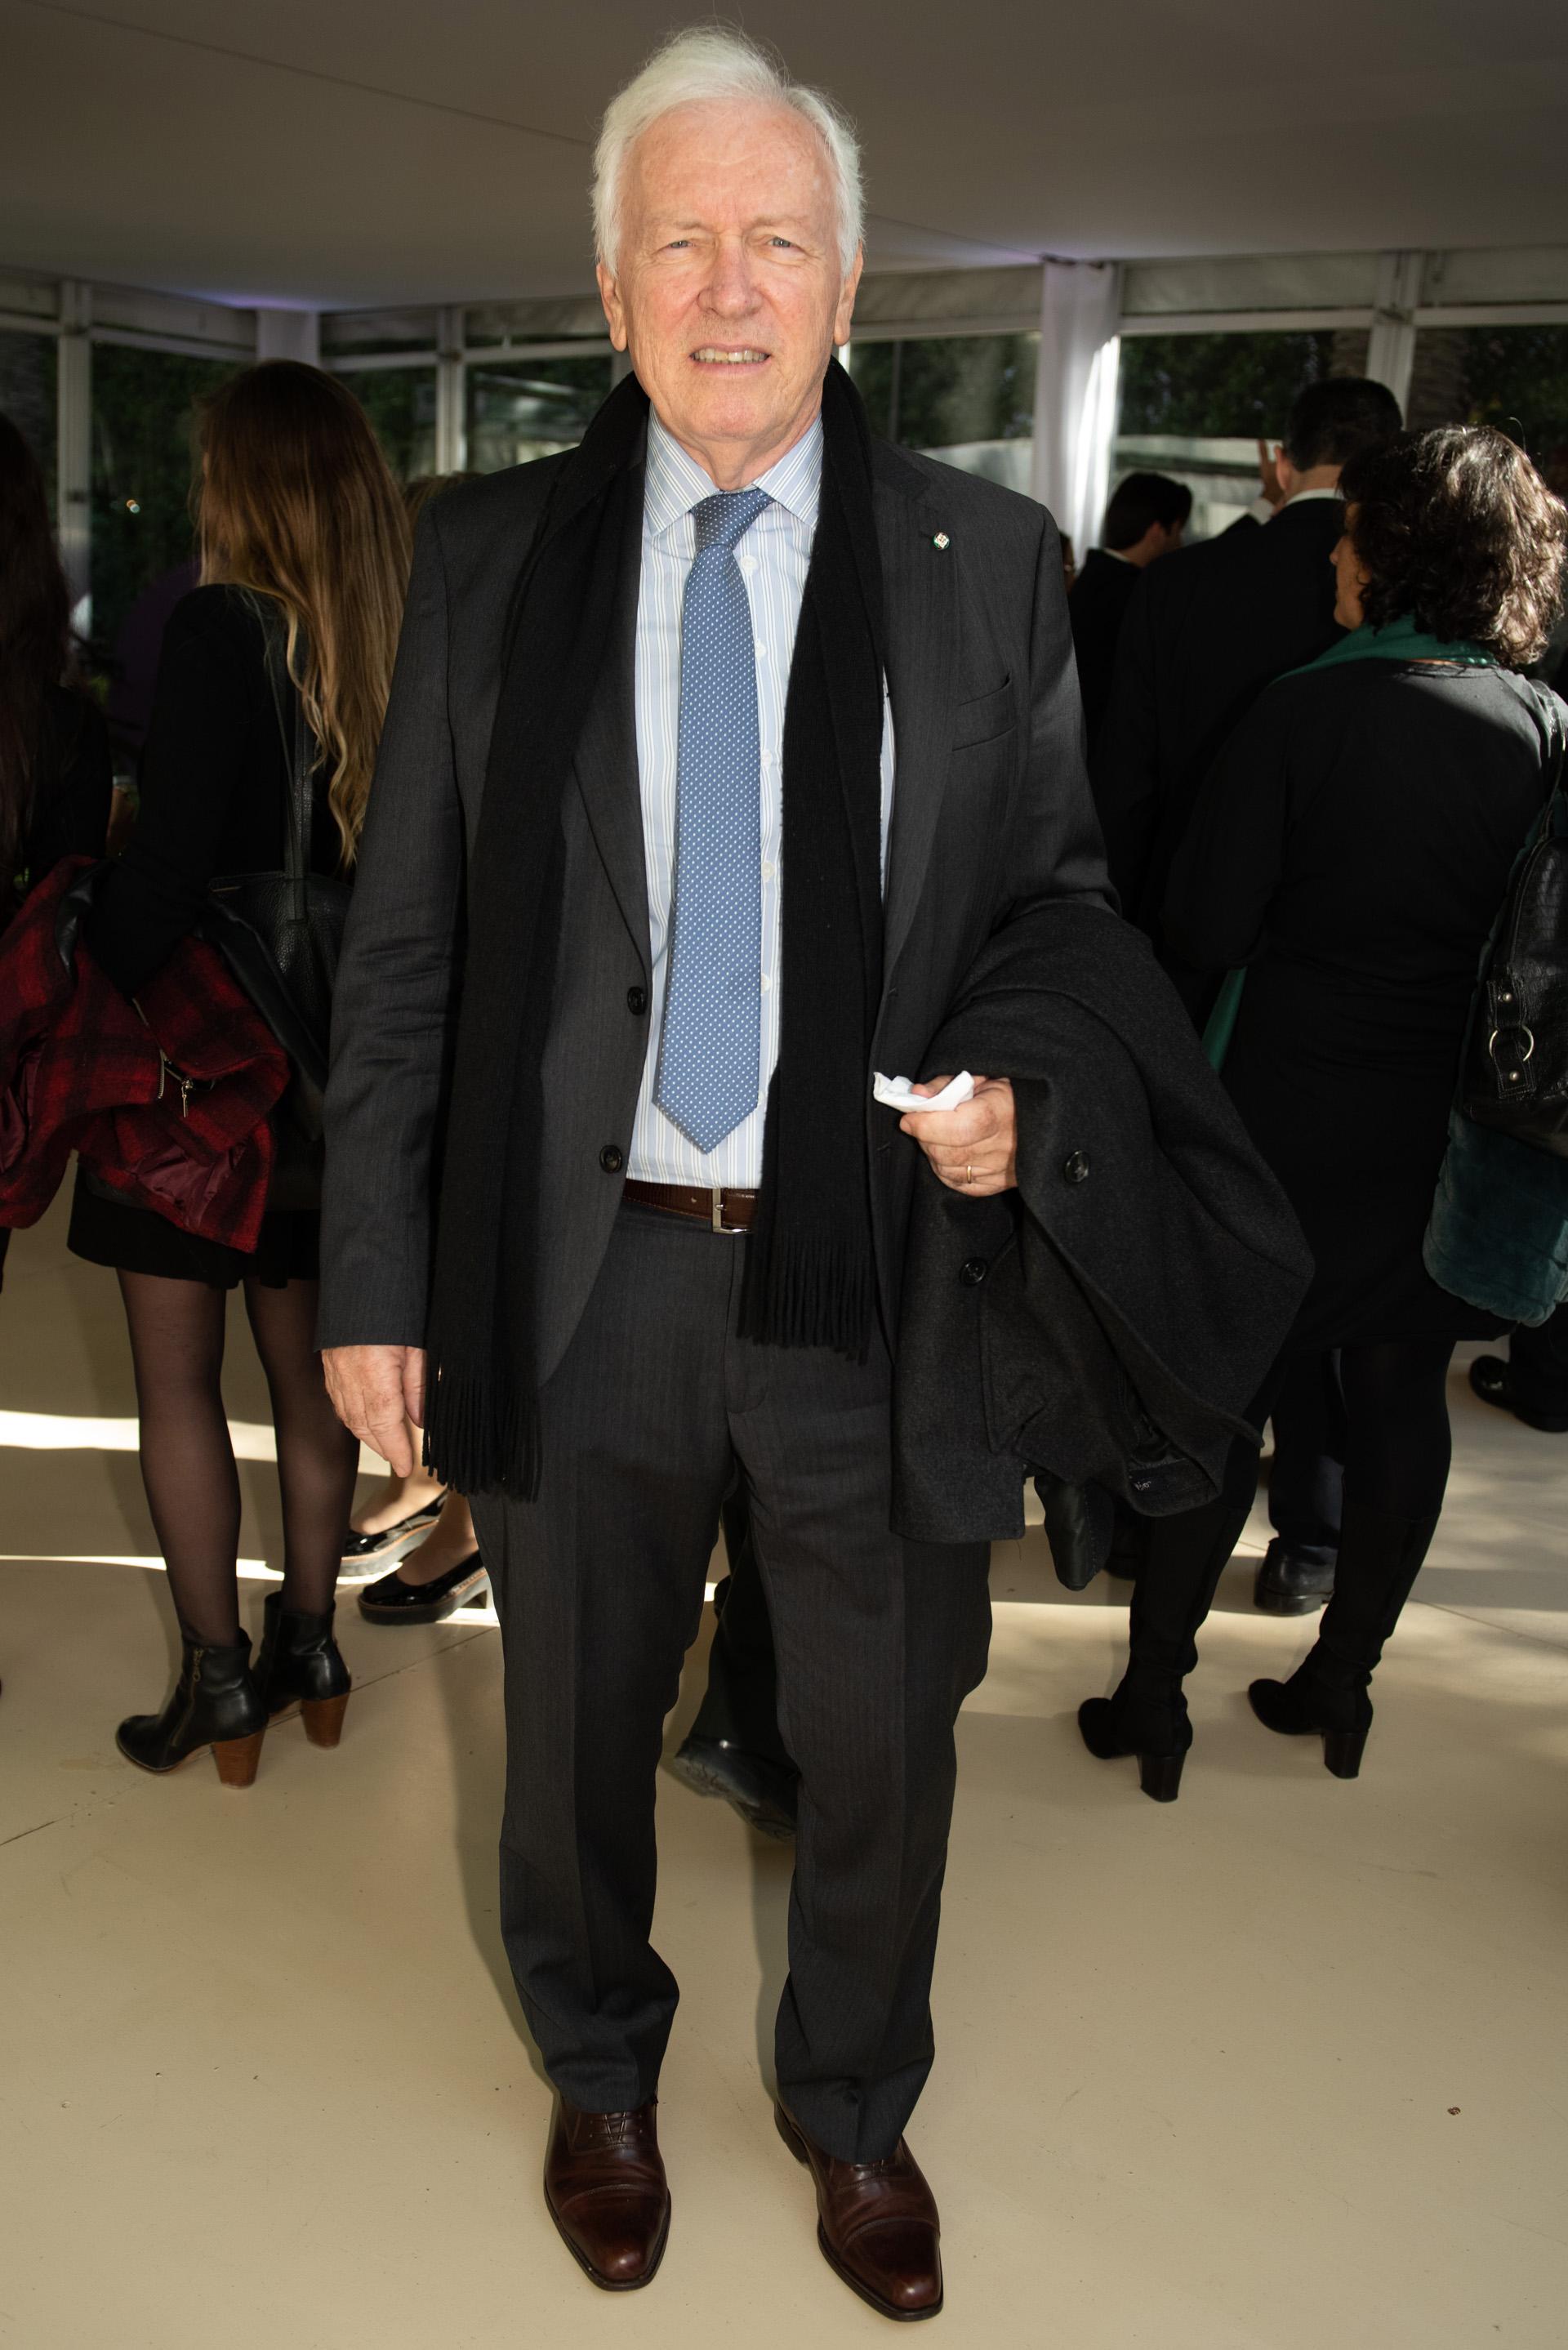 El juez Carlos Mahiques, ex ministro de Justicia de la provincia de Buenos Aires y actual integrante de la Cámara Federal de Casación Penal